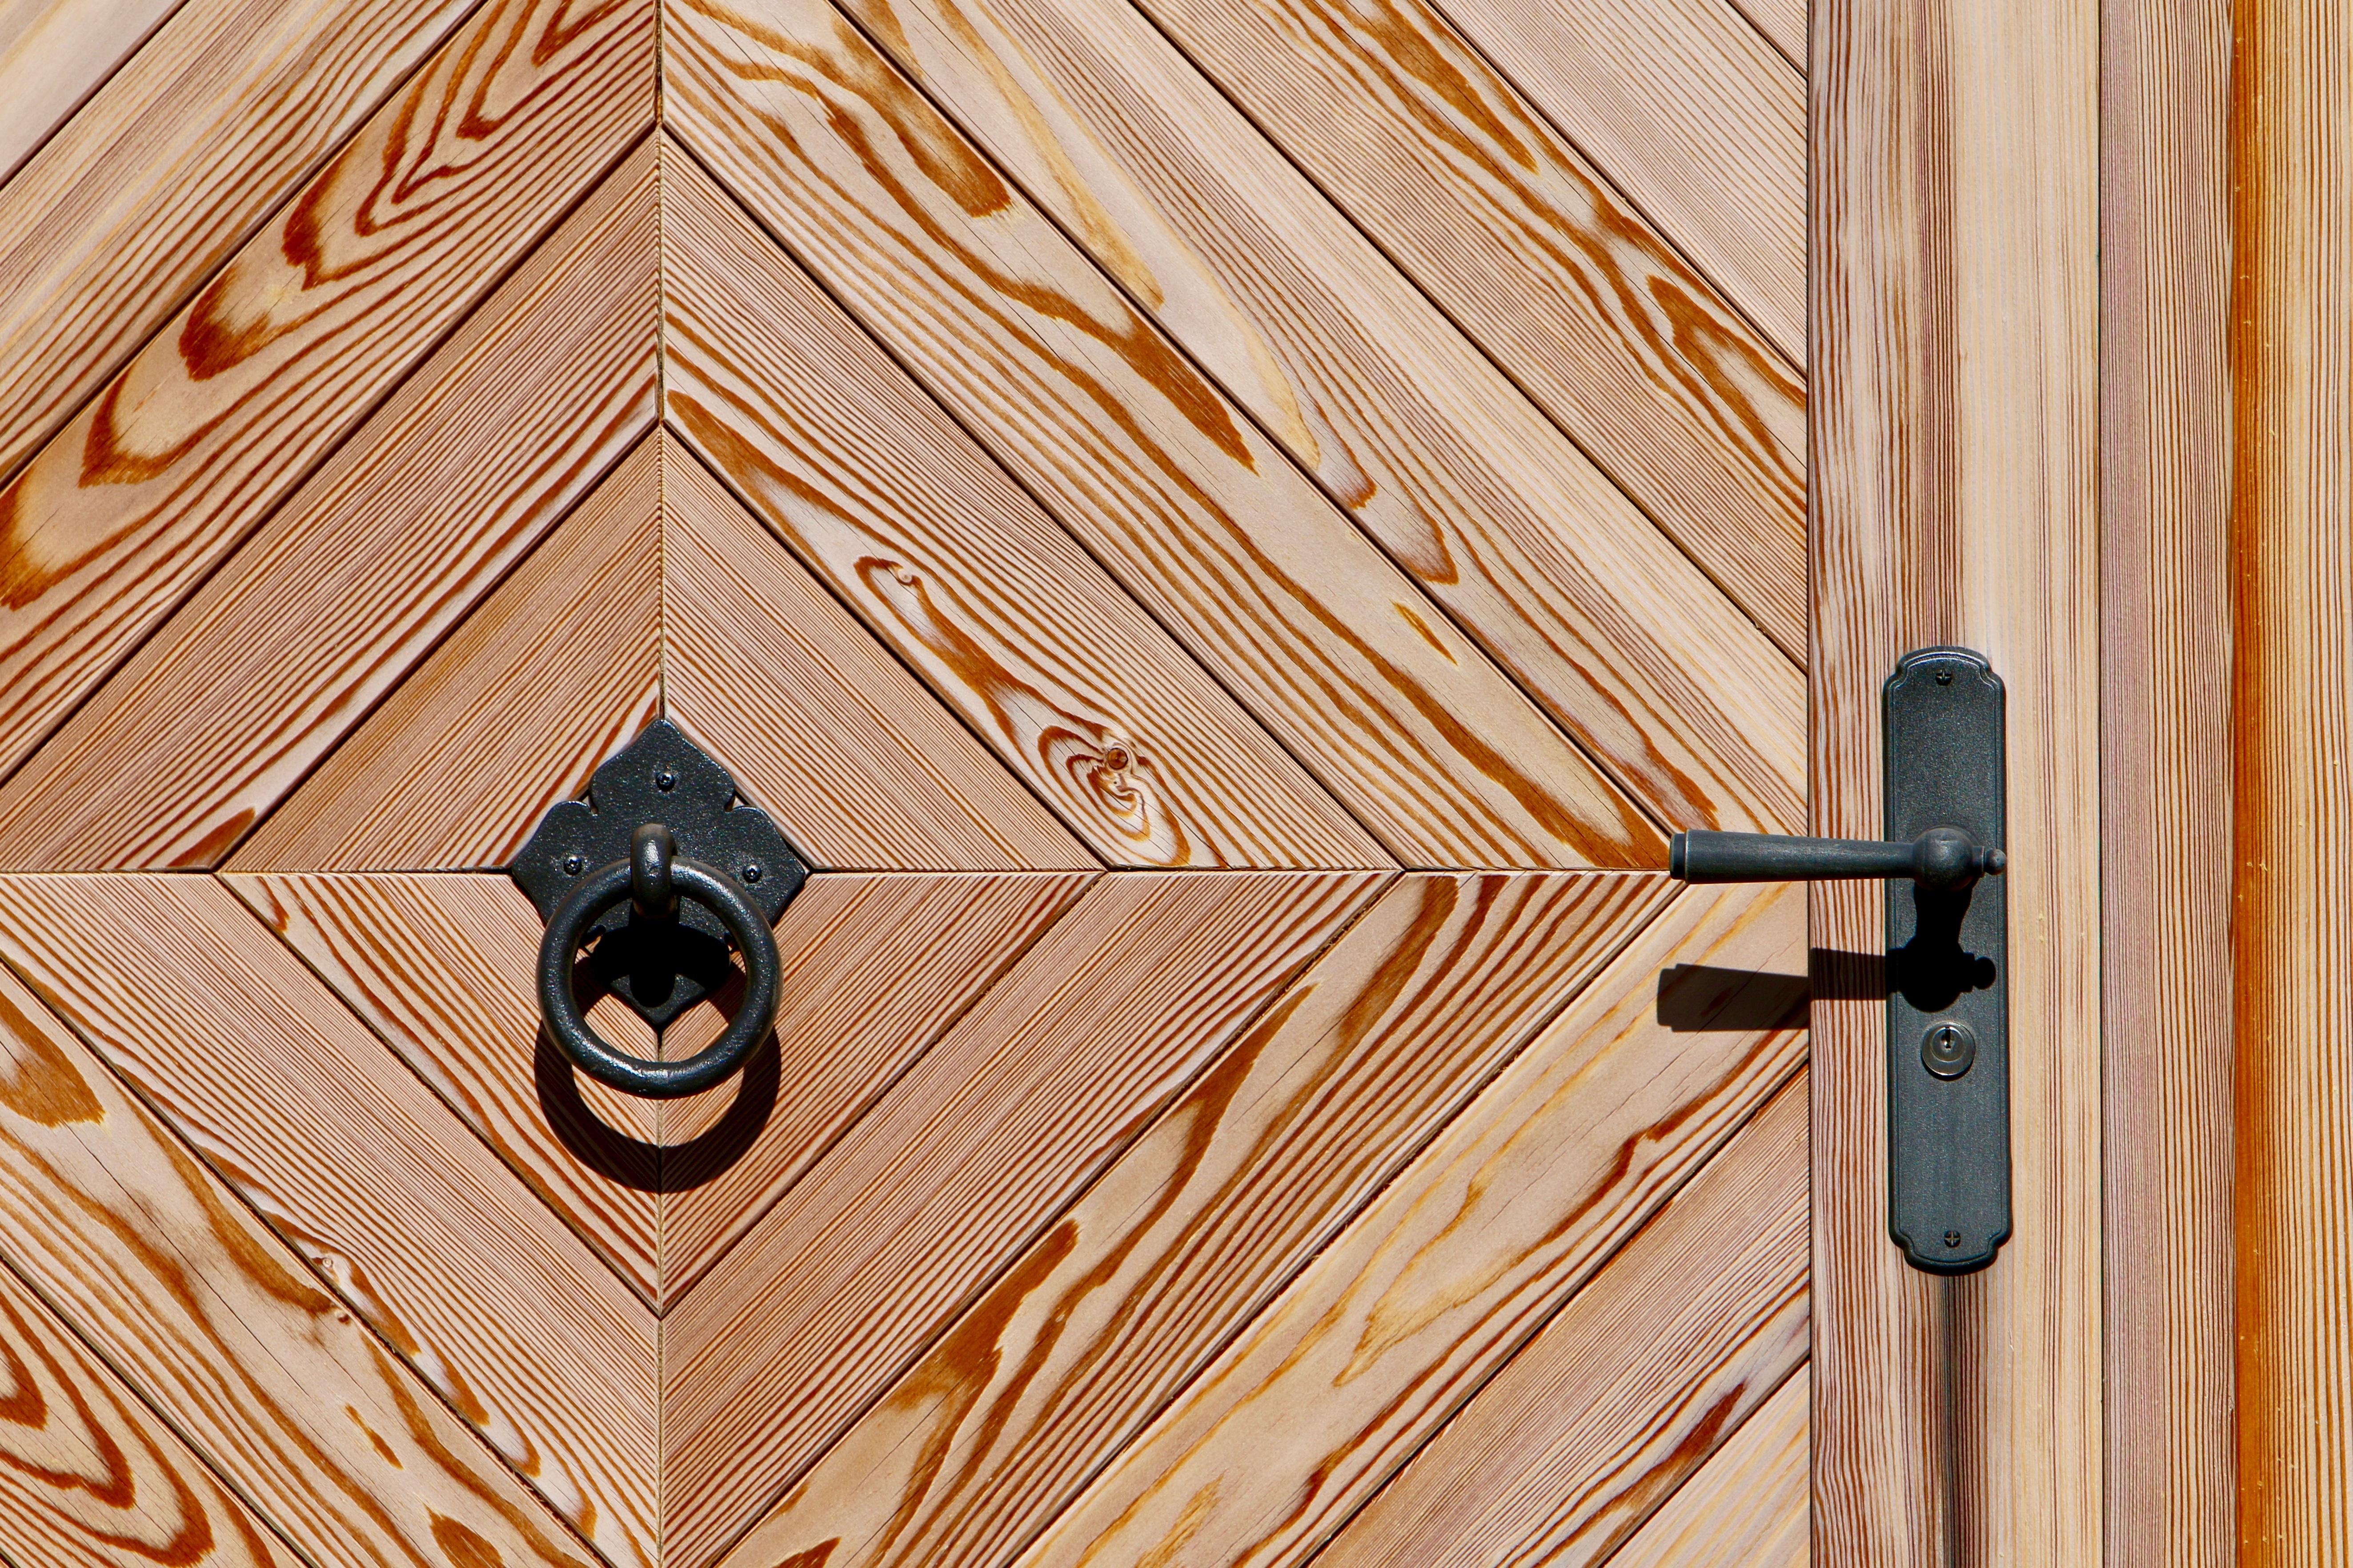 무료 이미지 : 목재, 창문, 벽, 천장, 인테리어 디자인, 나무 ...